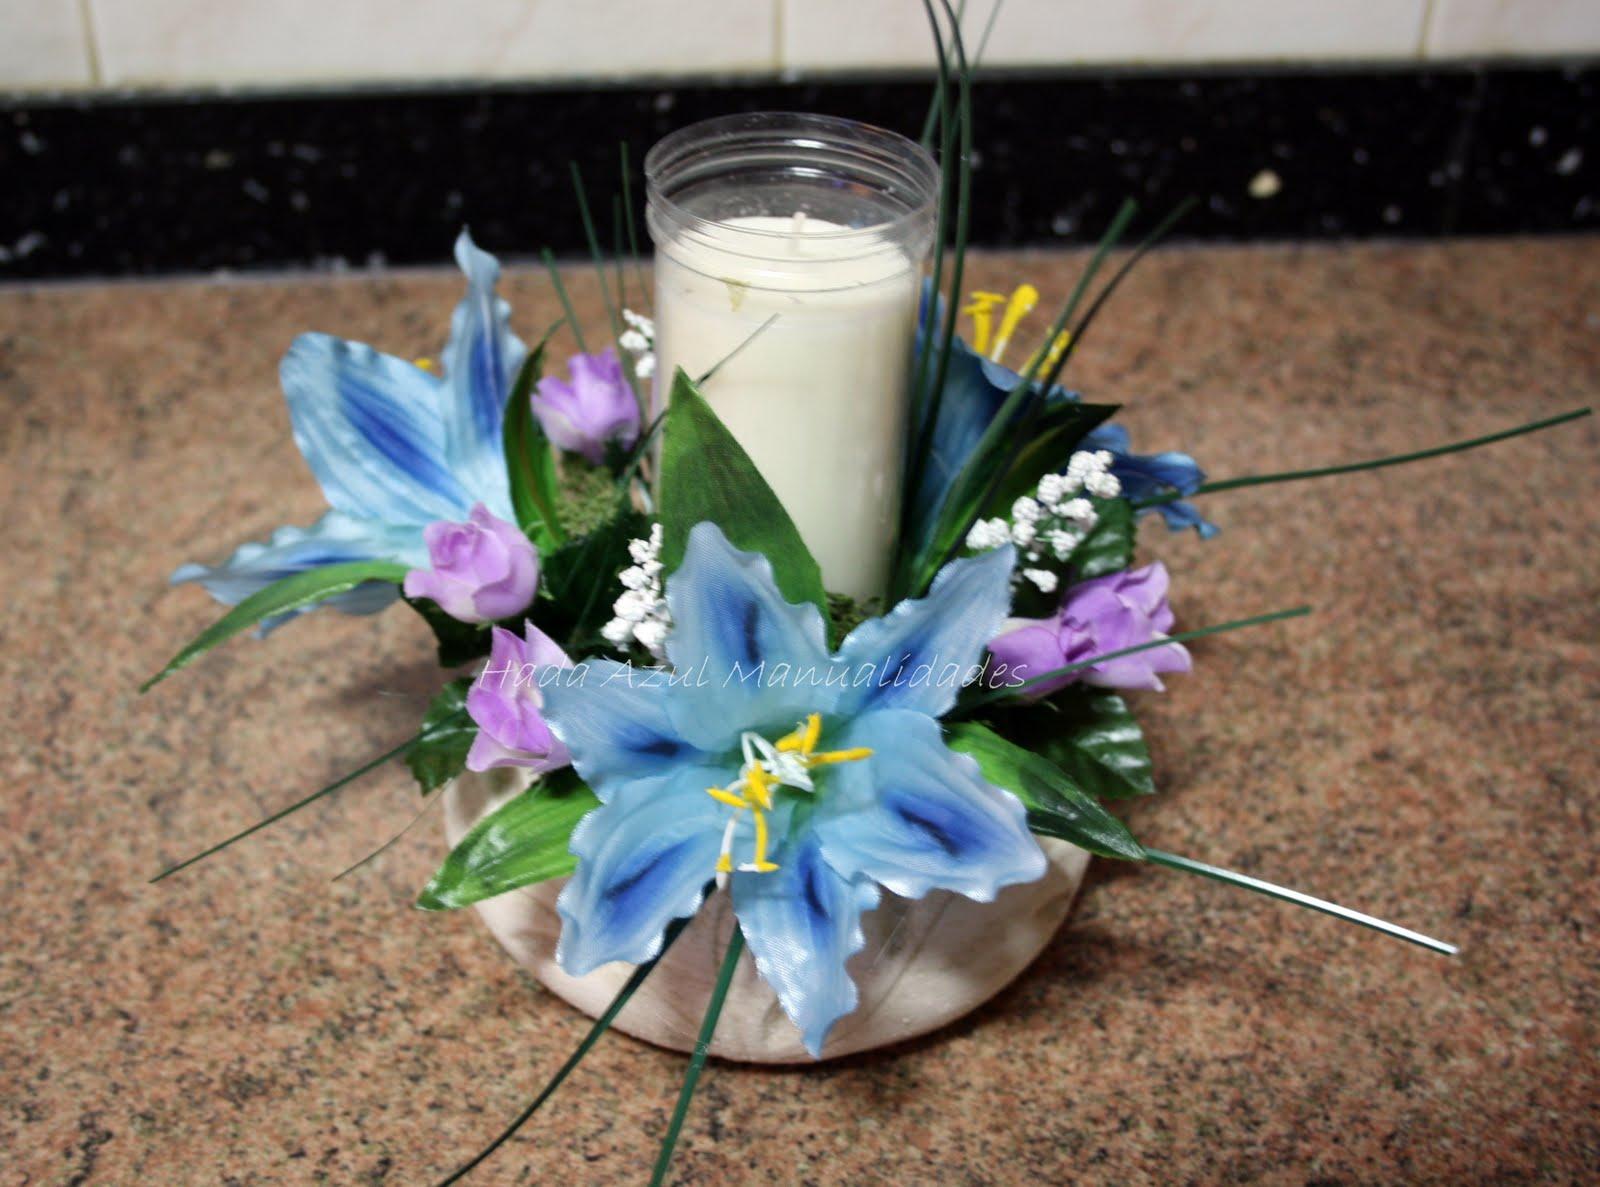 Ham artesan a hecha a mano varios - Centro de mesa con flores artificiales ...